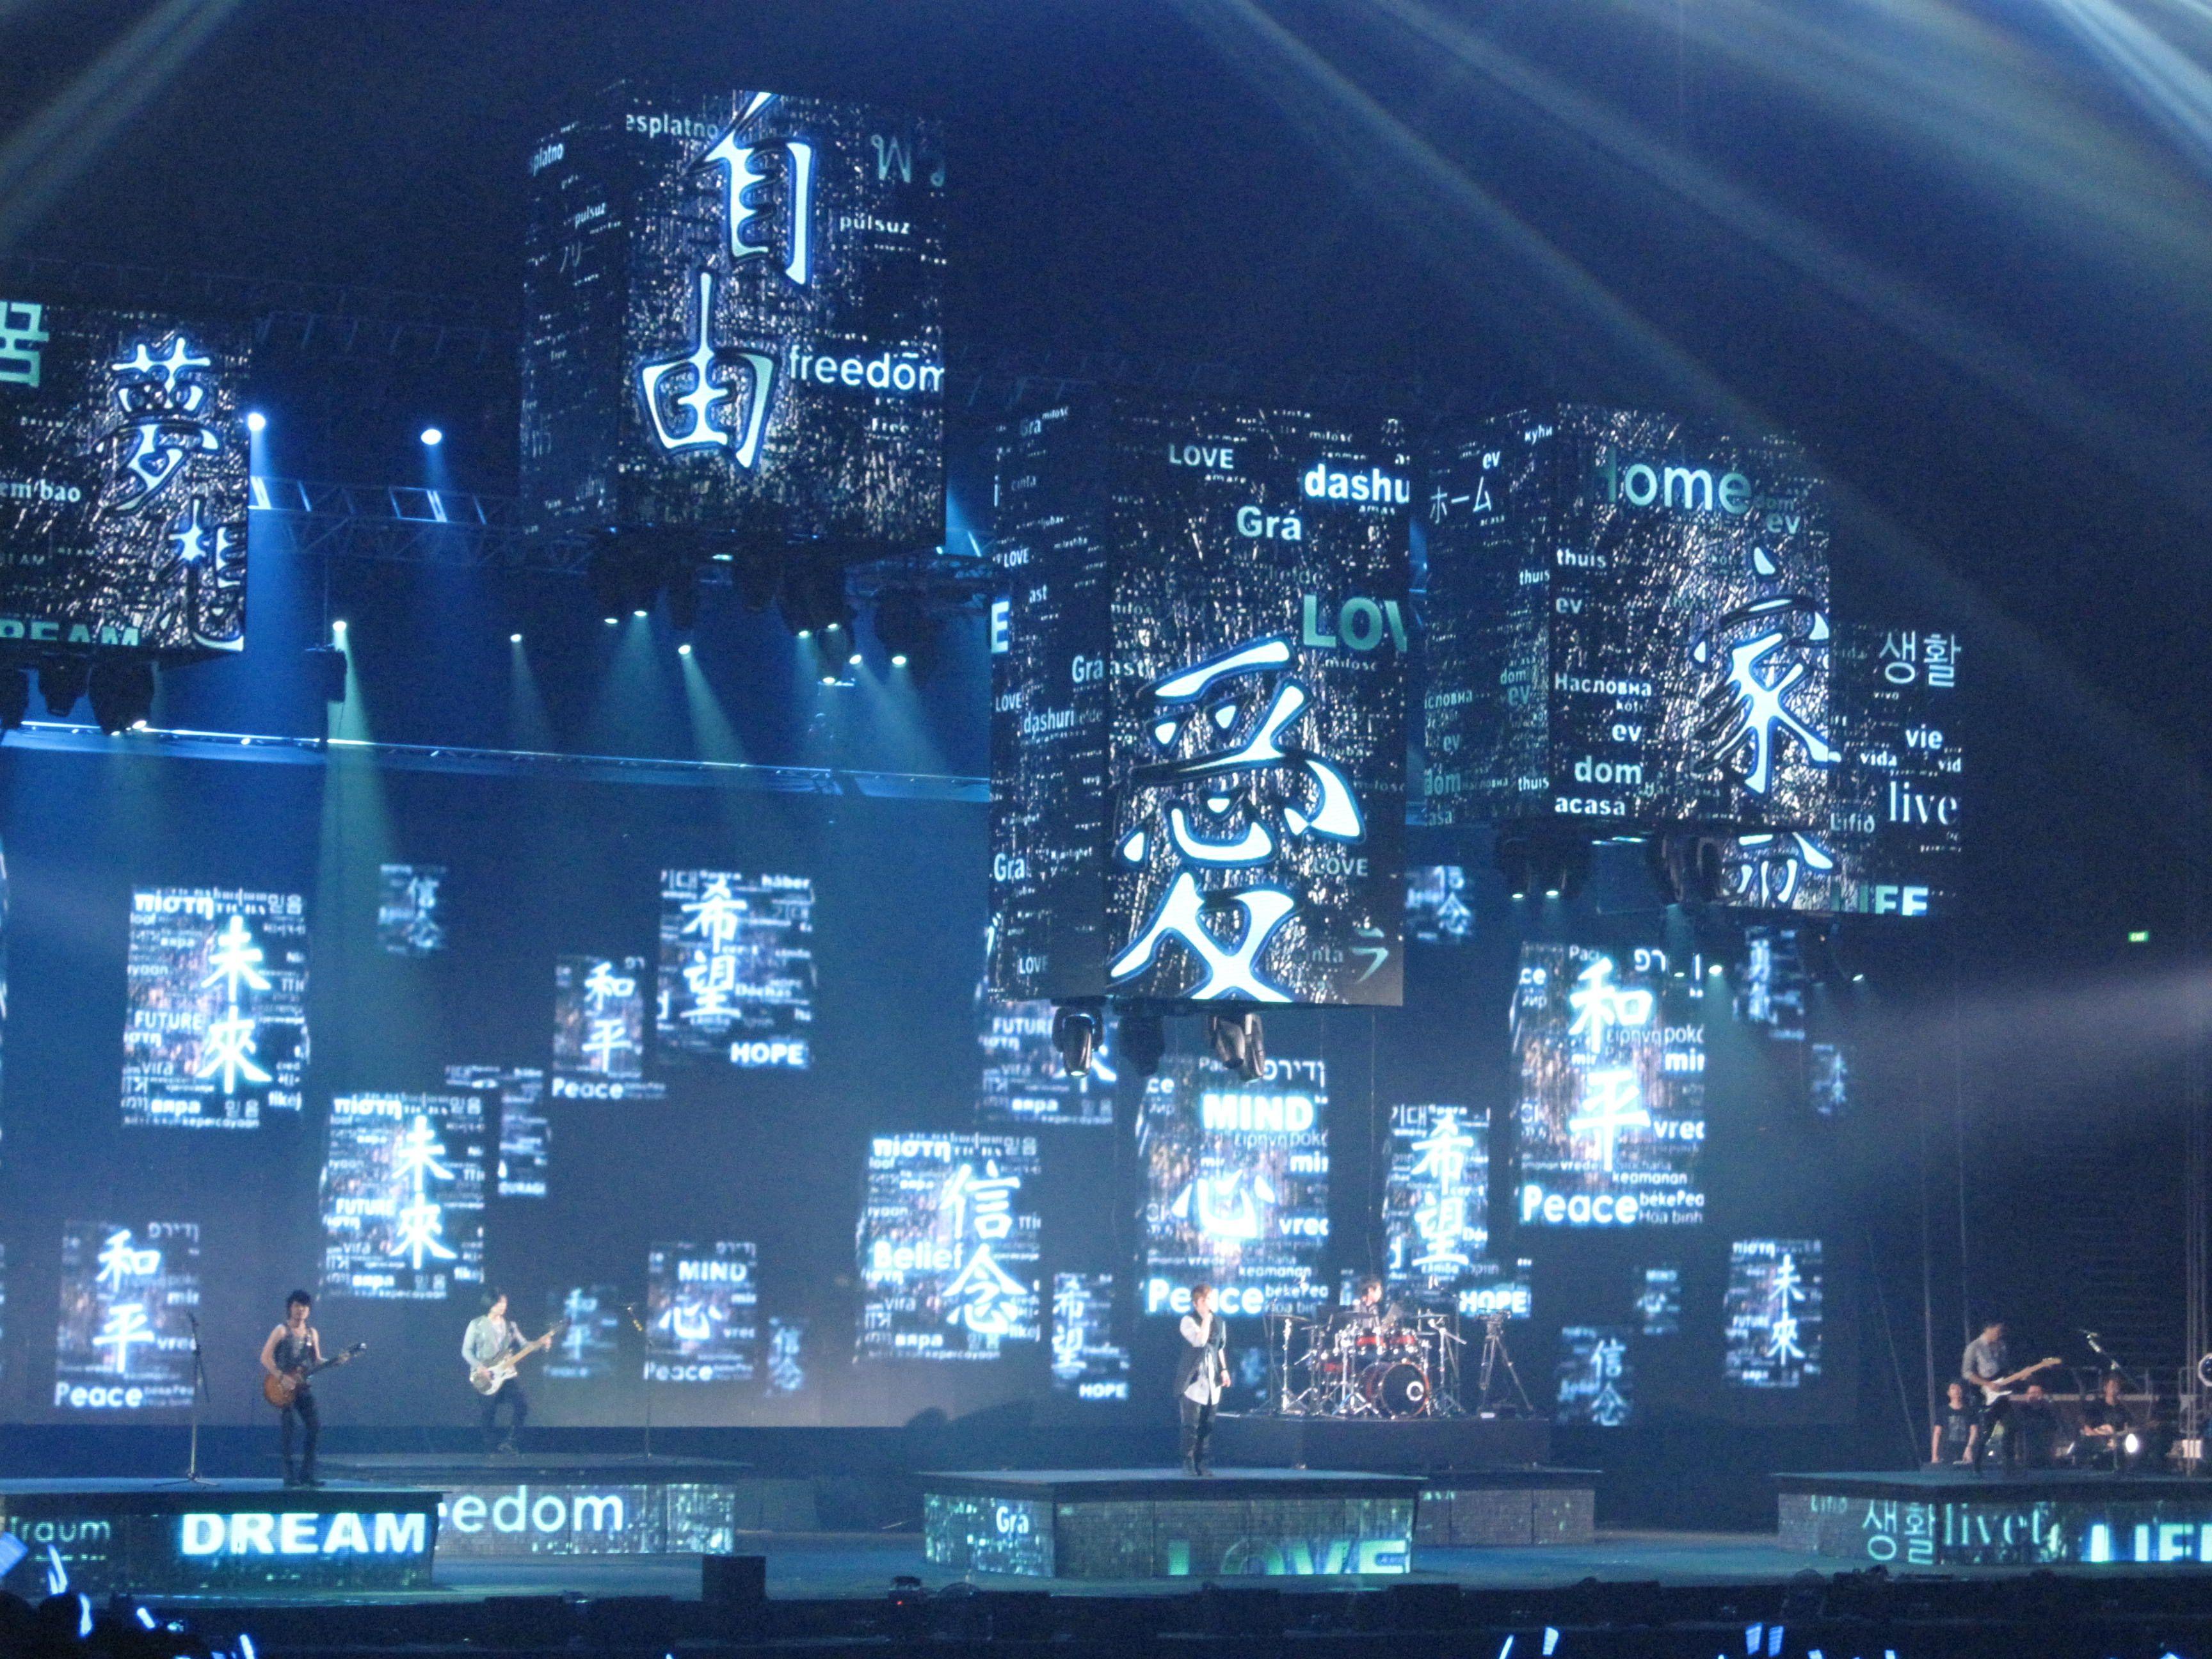 indoor concert stage design - Google Search | Stage ...  indoor concert ...